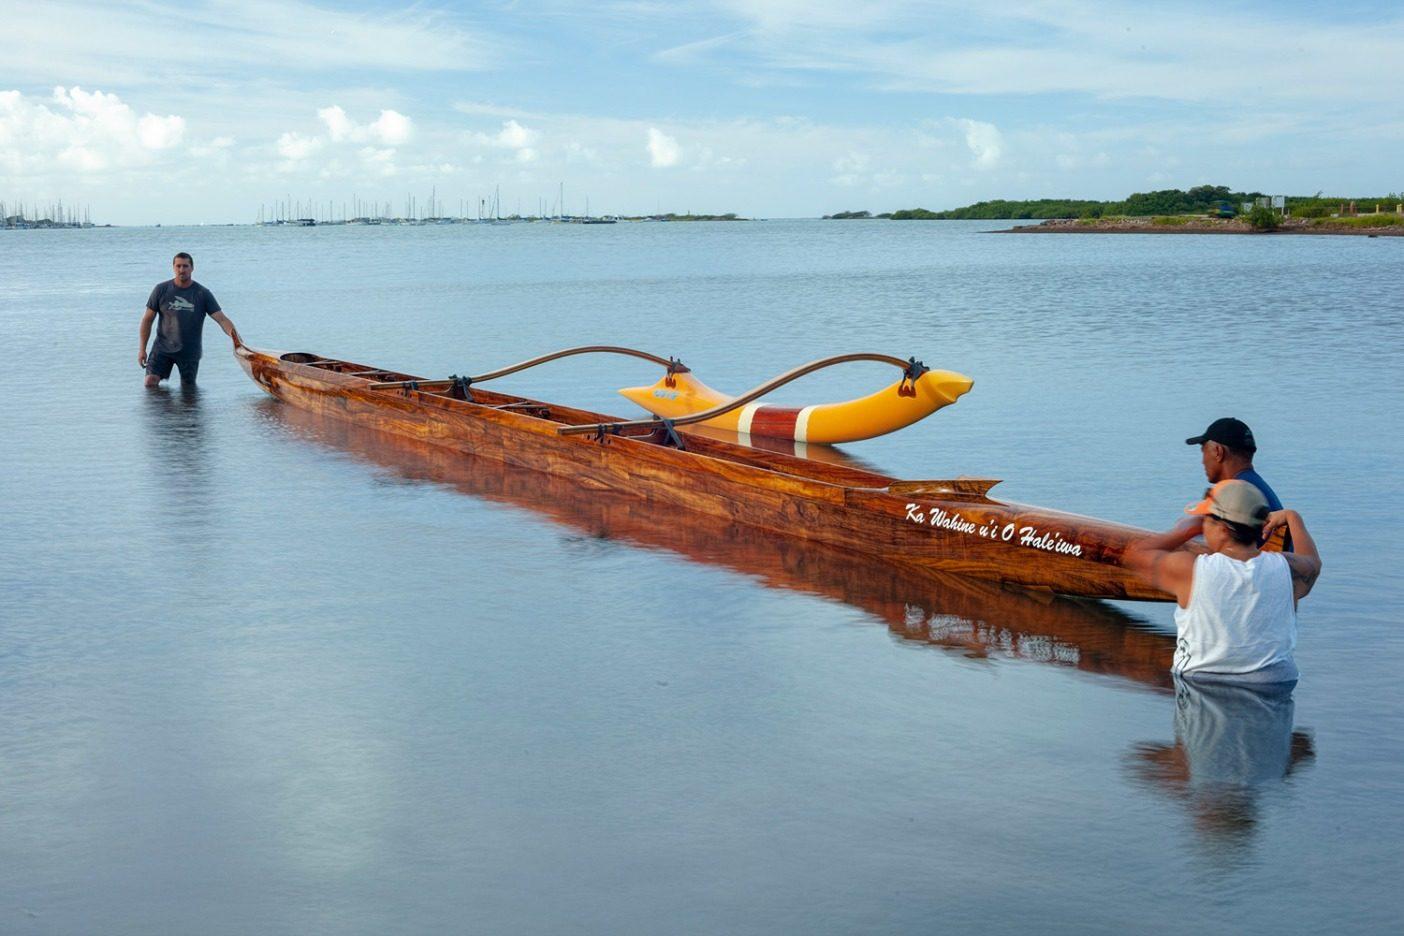 ケエヒ・ラグーンでの水位線試験中、ウイの船尾に立つベン・ウィルキンソン。ハワイ州 Photo: John Bilderback